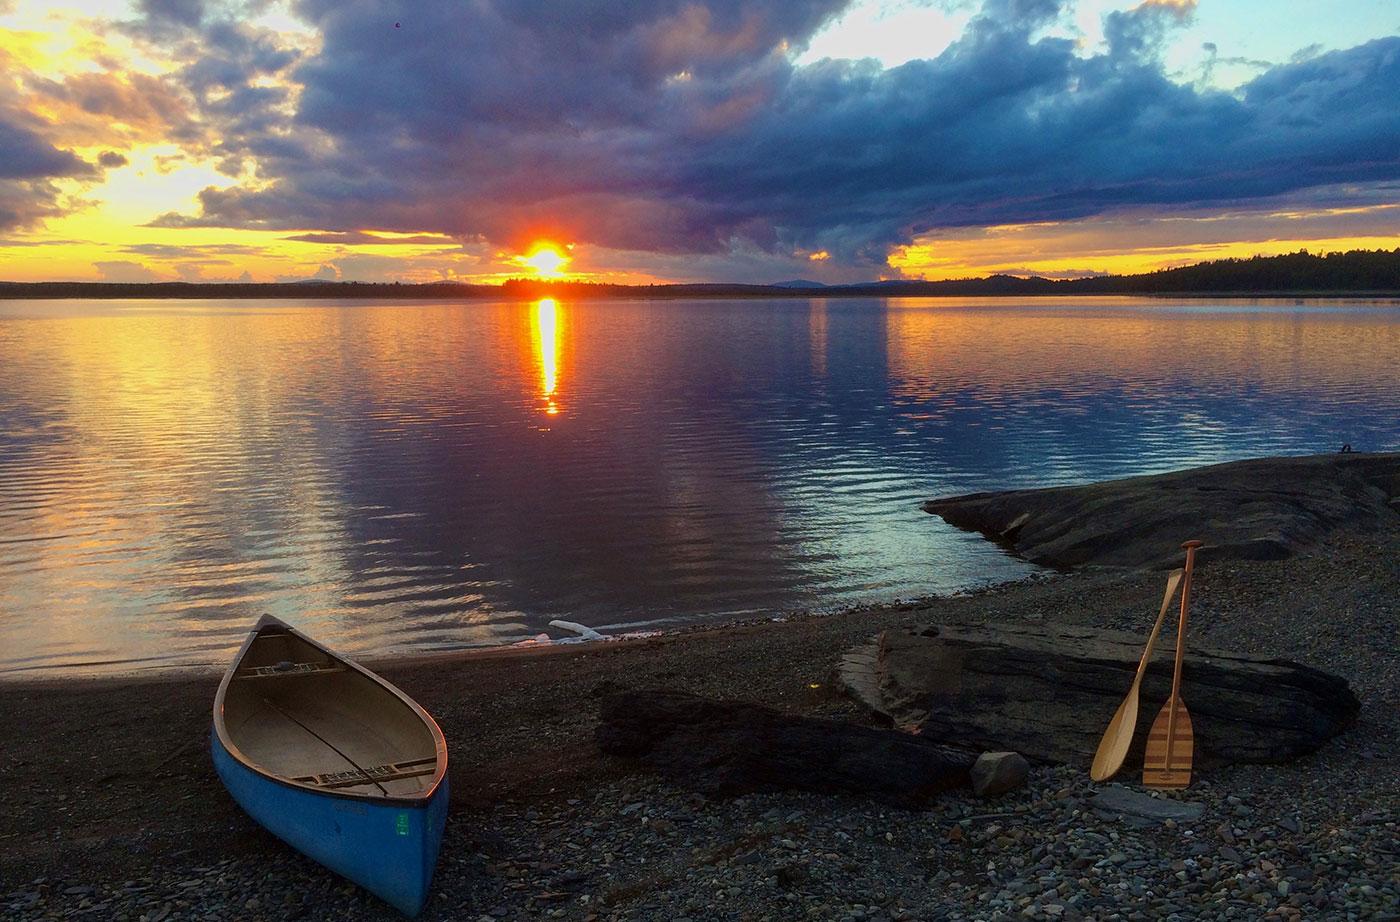 sunset at Chesuncook Lake